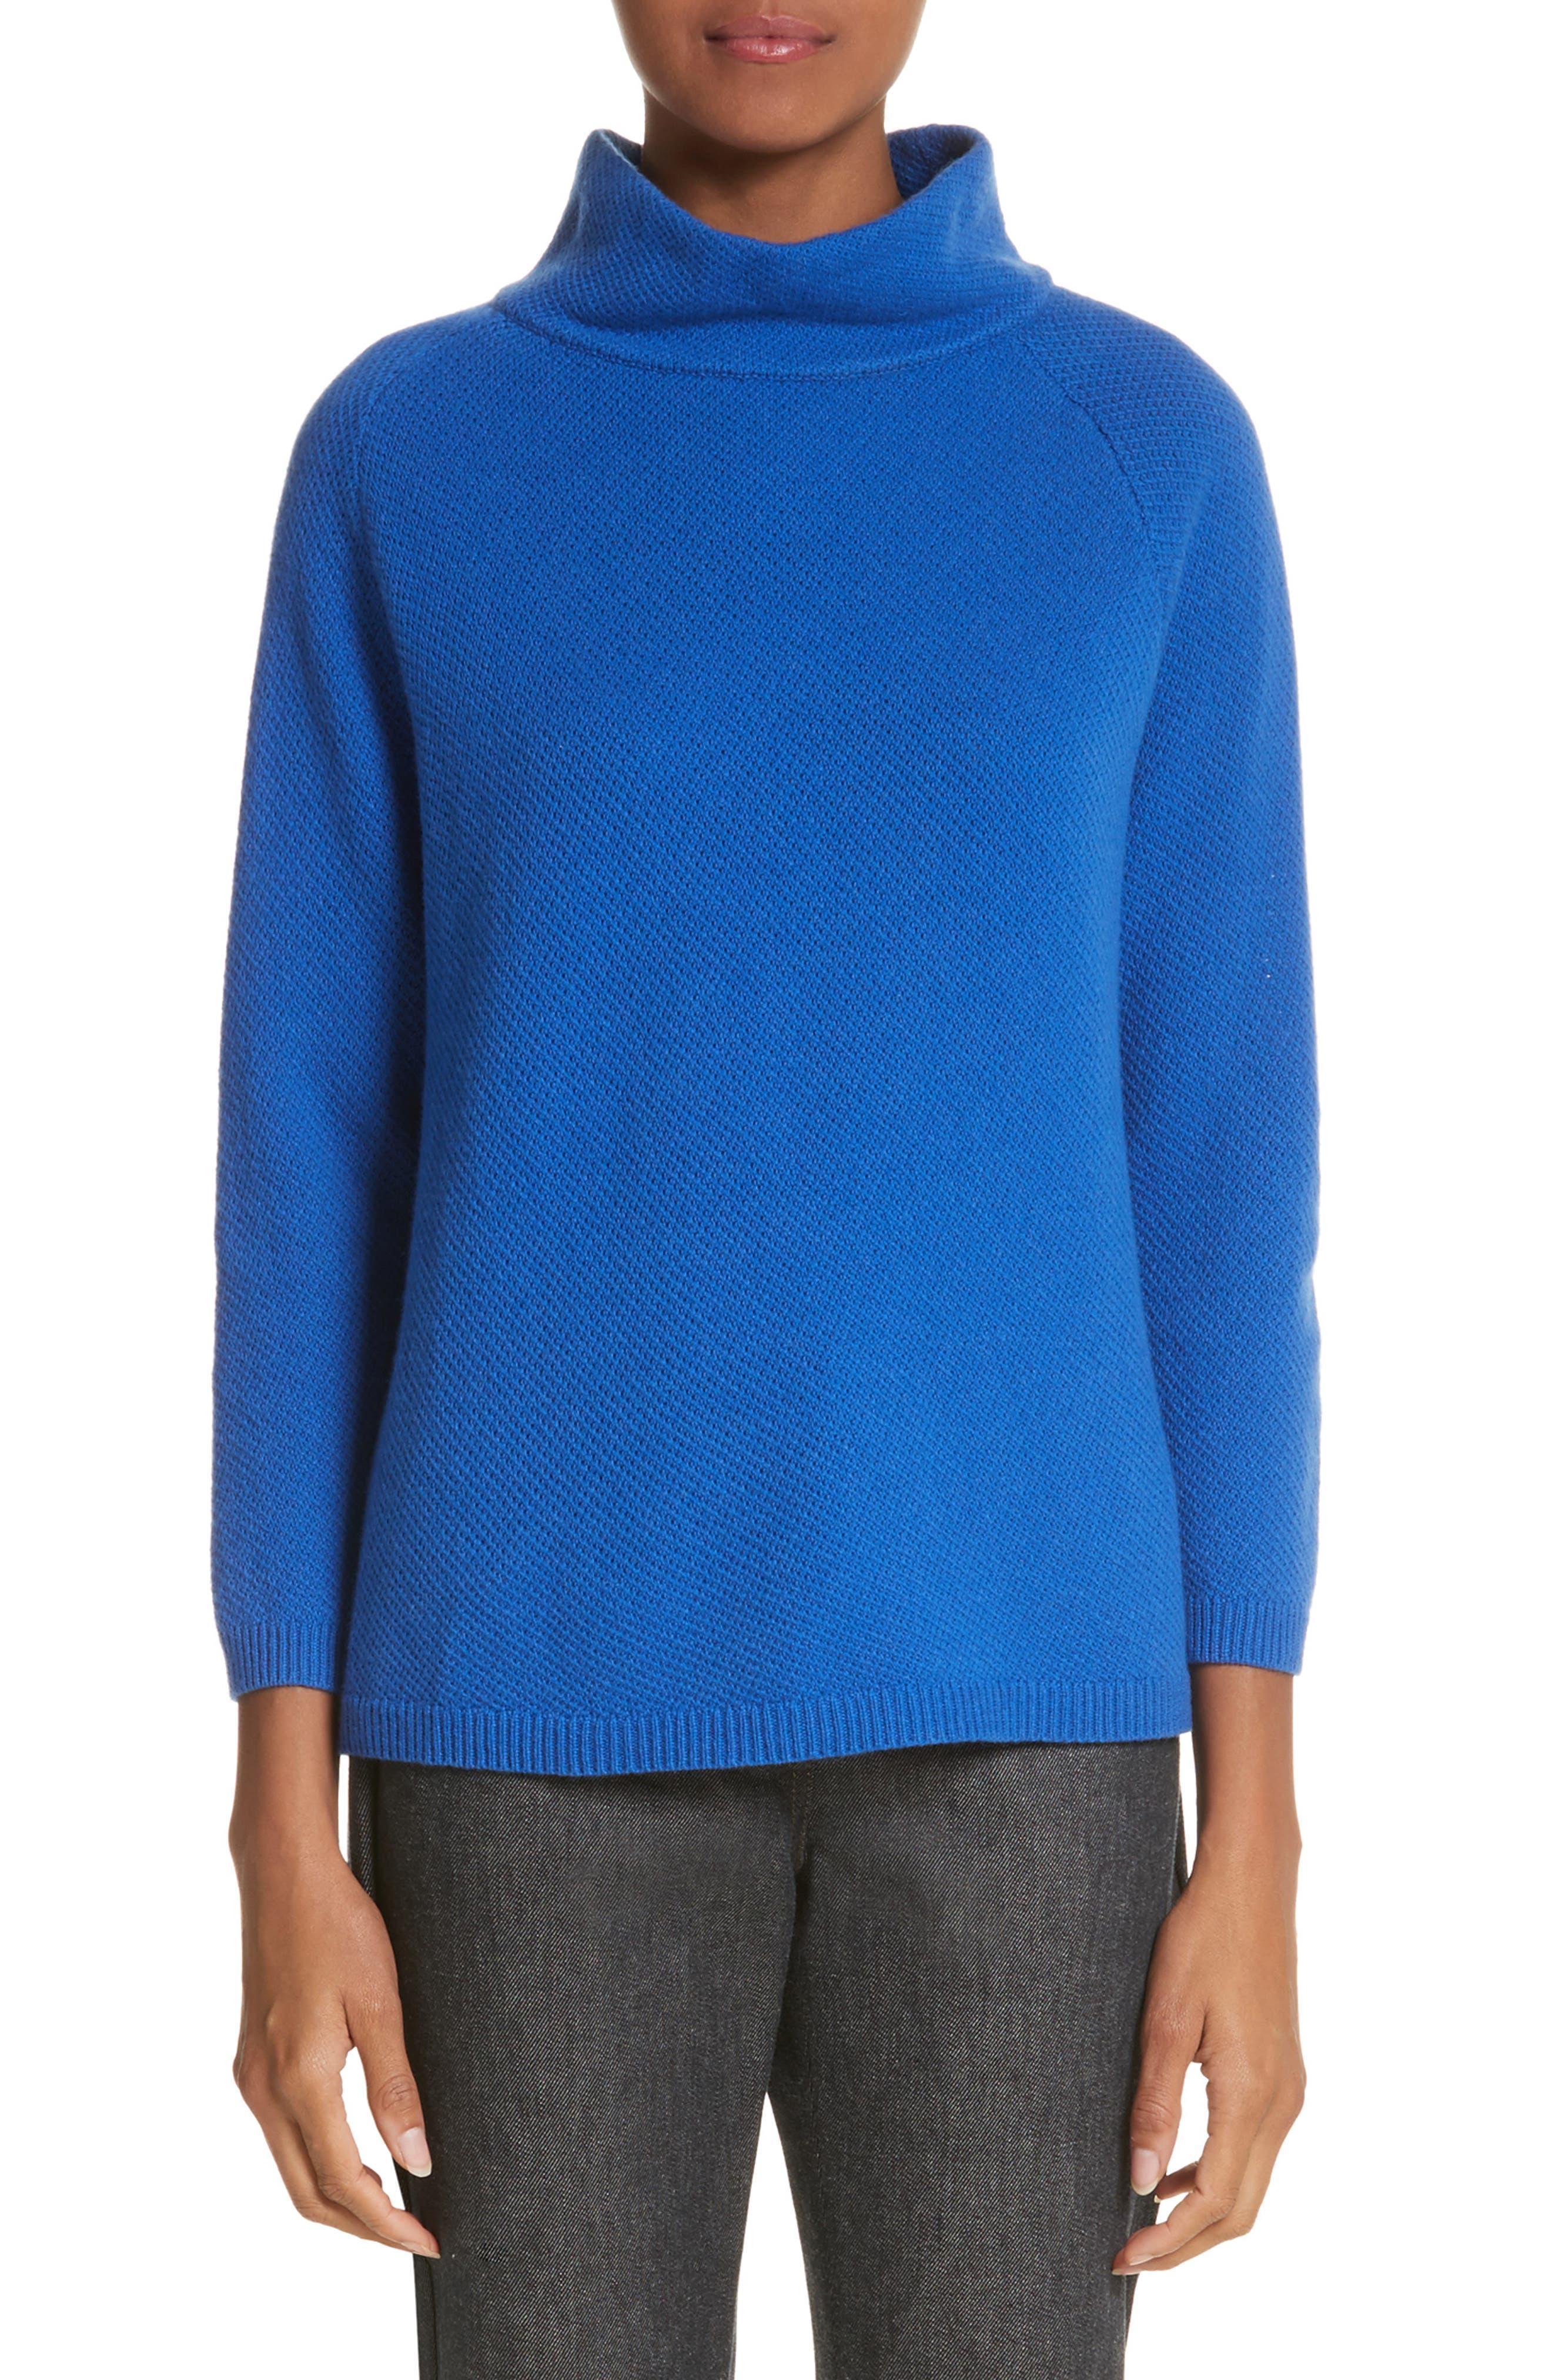 Main Image - Max Mara Osvaldo Cashmere Sweater